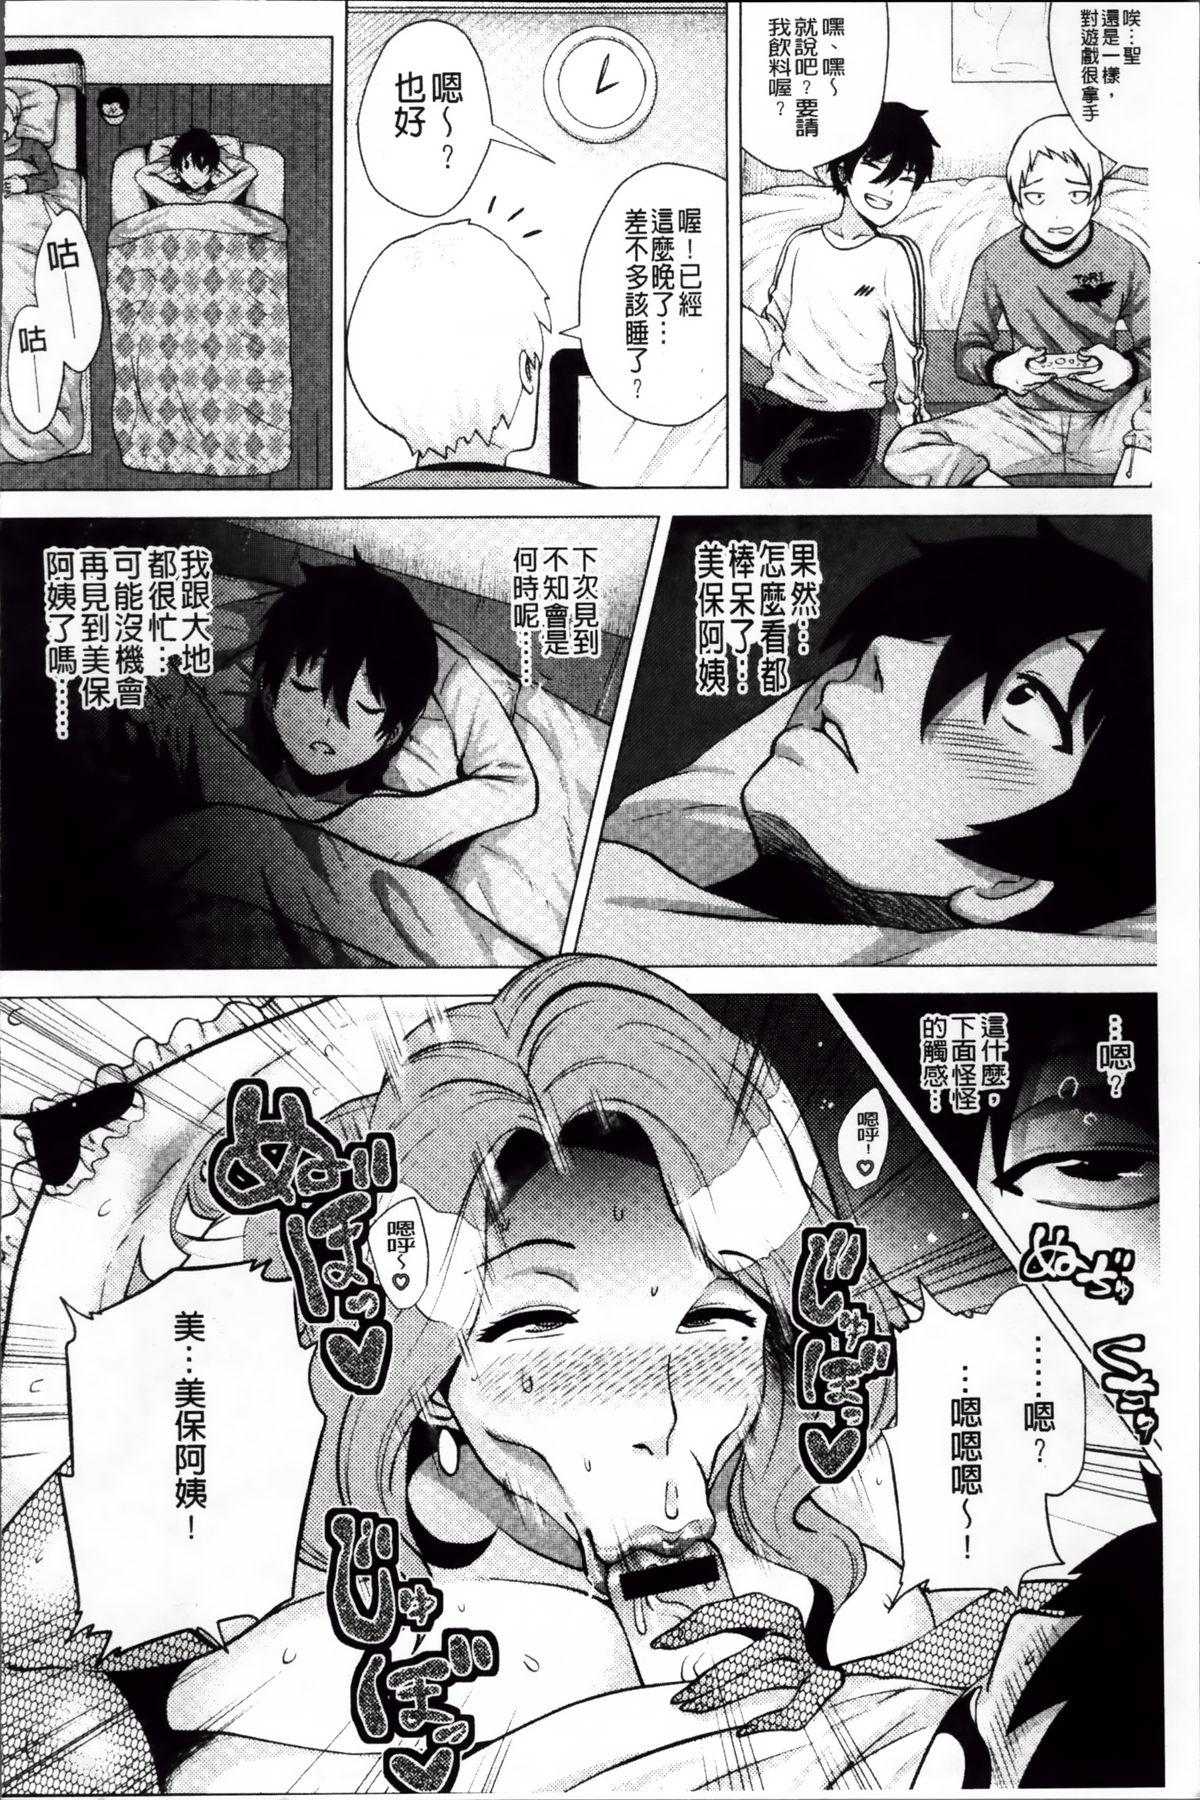 Megabody Night - Watashi no Oniku o Meshiagare 77